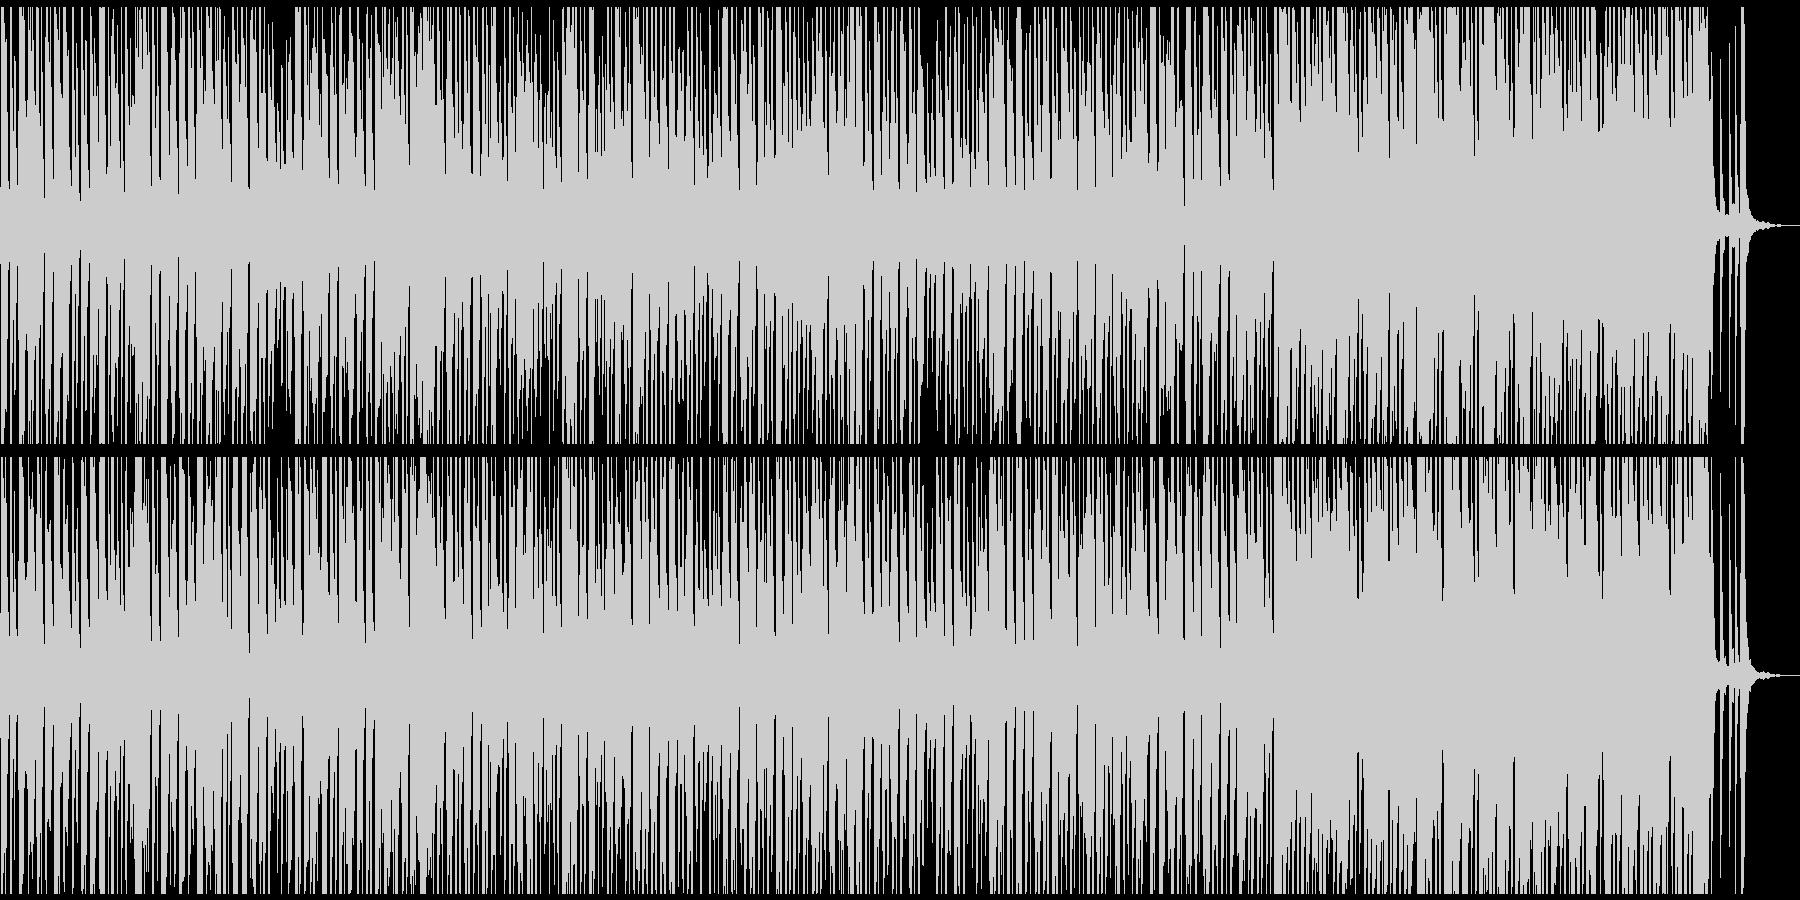 ジプシースイングスタイルの魅力的ジャズの未再生の波形